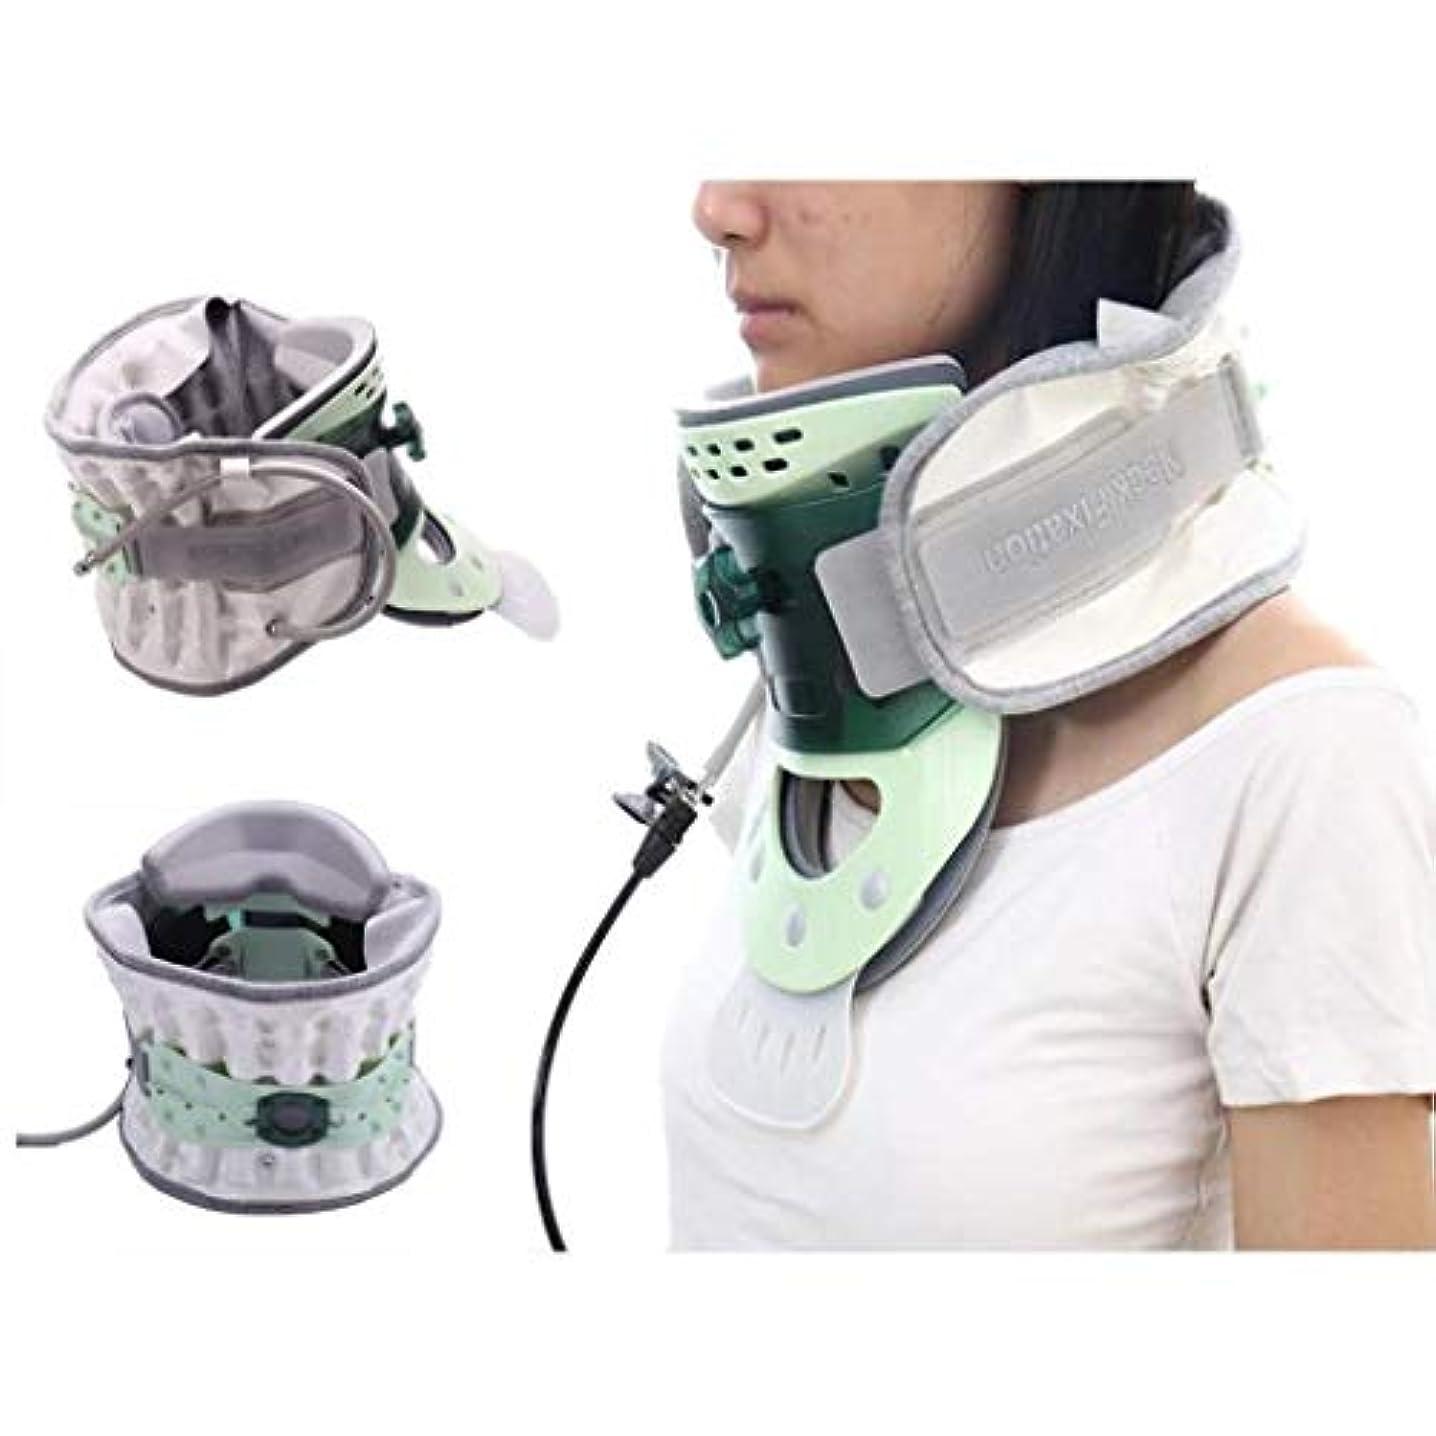 若い喉頭アスペクト首の痛みや頸椎症の人に適したインフレータブル頸椎トラクター、首牽引装置、家の保護頸椎矯正器具